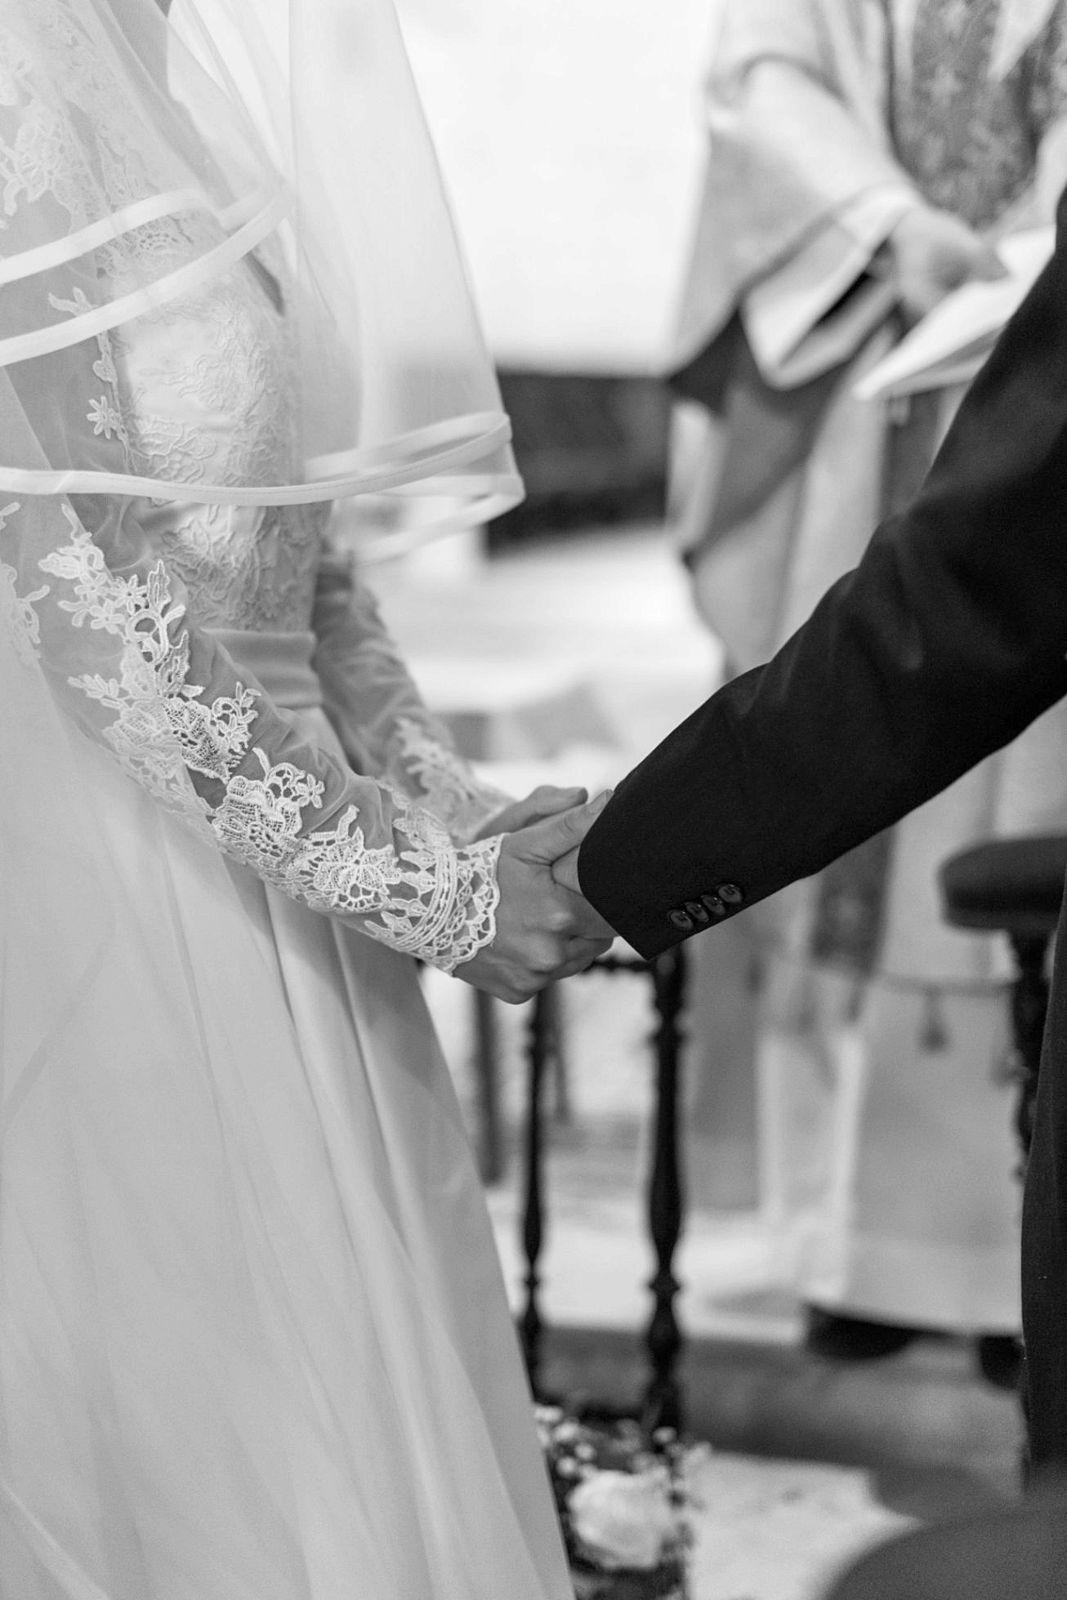 Photographe Mariage, Baptême, EVJF et autres événements familiaux et amicaux